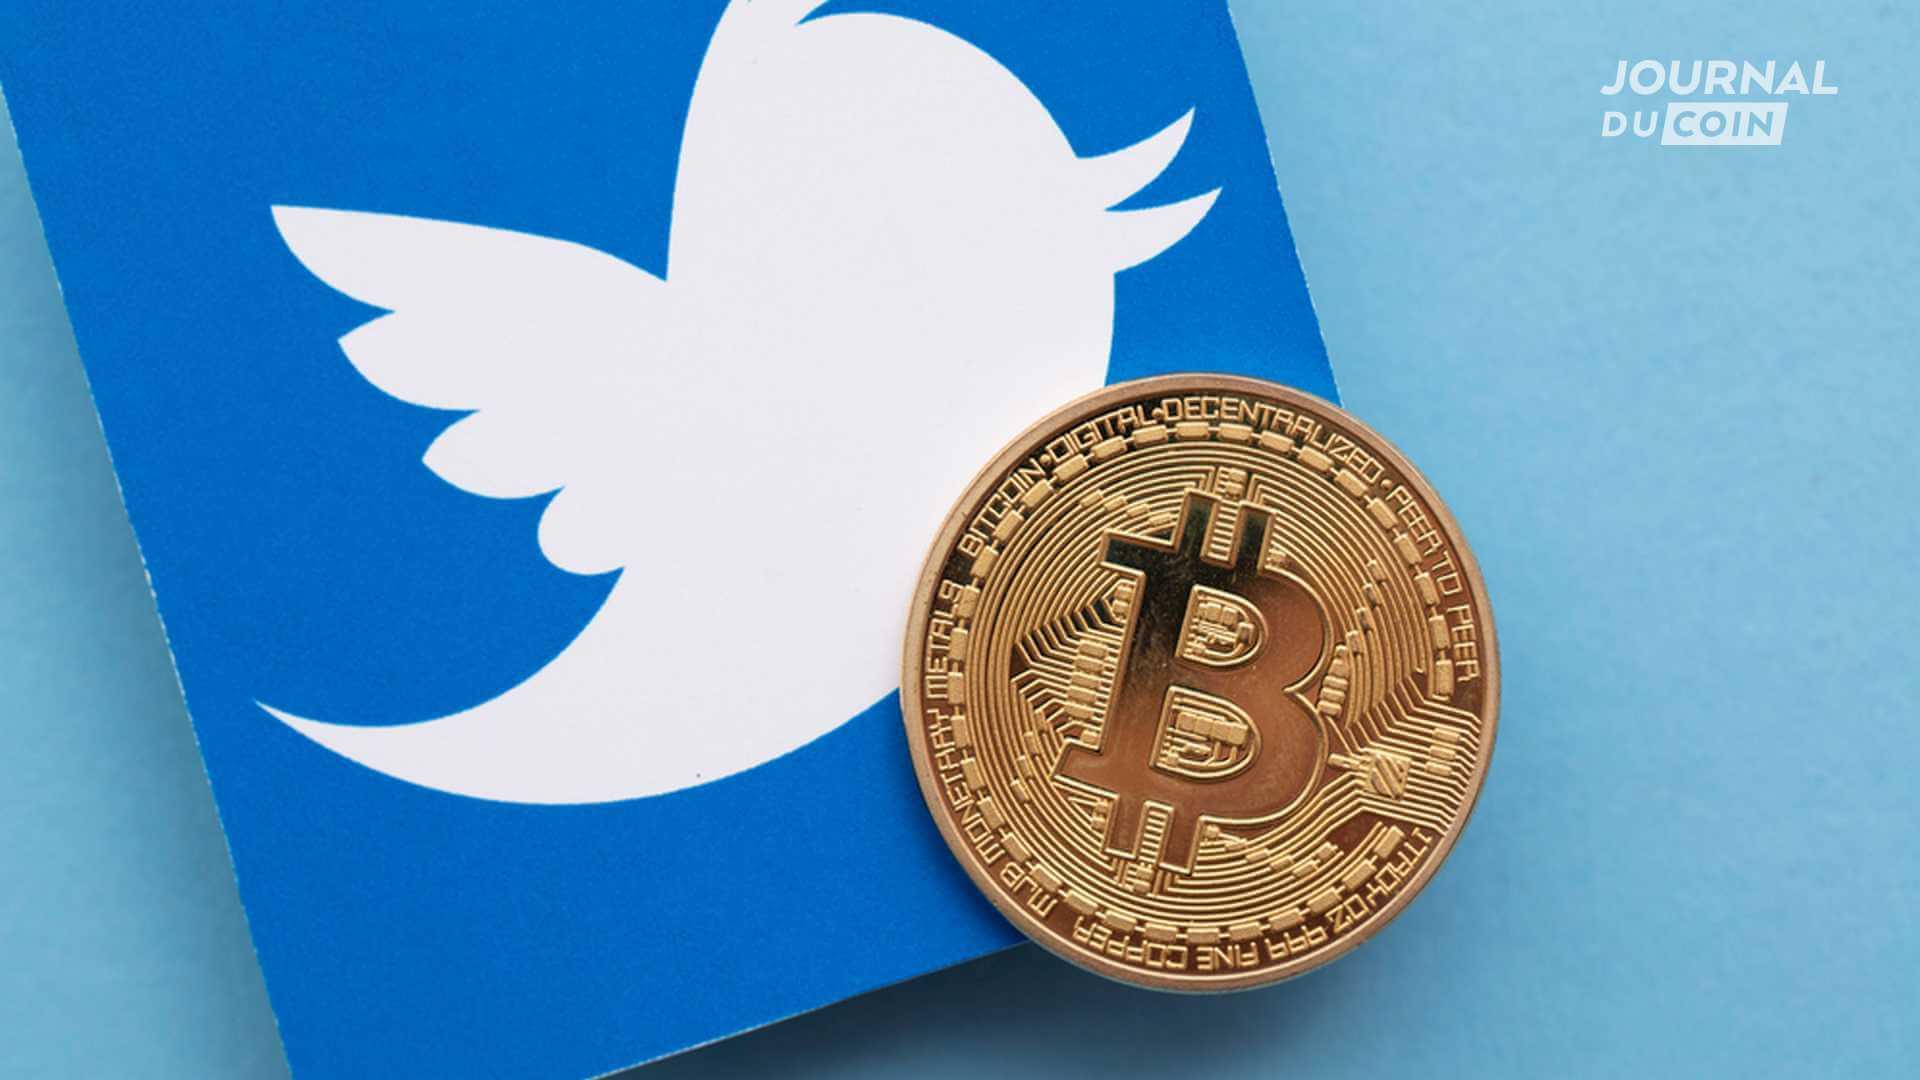 Le futur de Twitter s'écrira avec Bitcoin (et réciproquement)